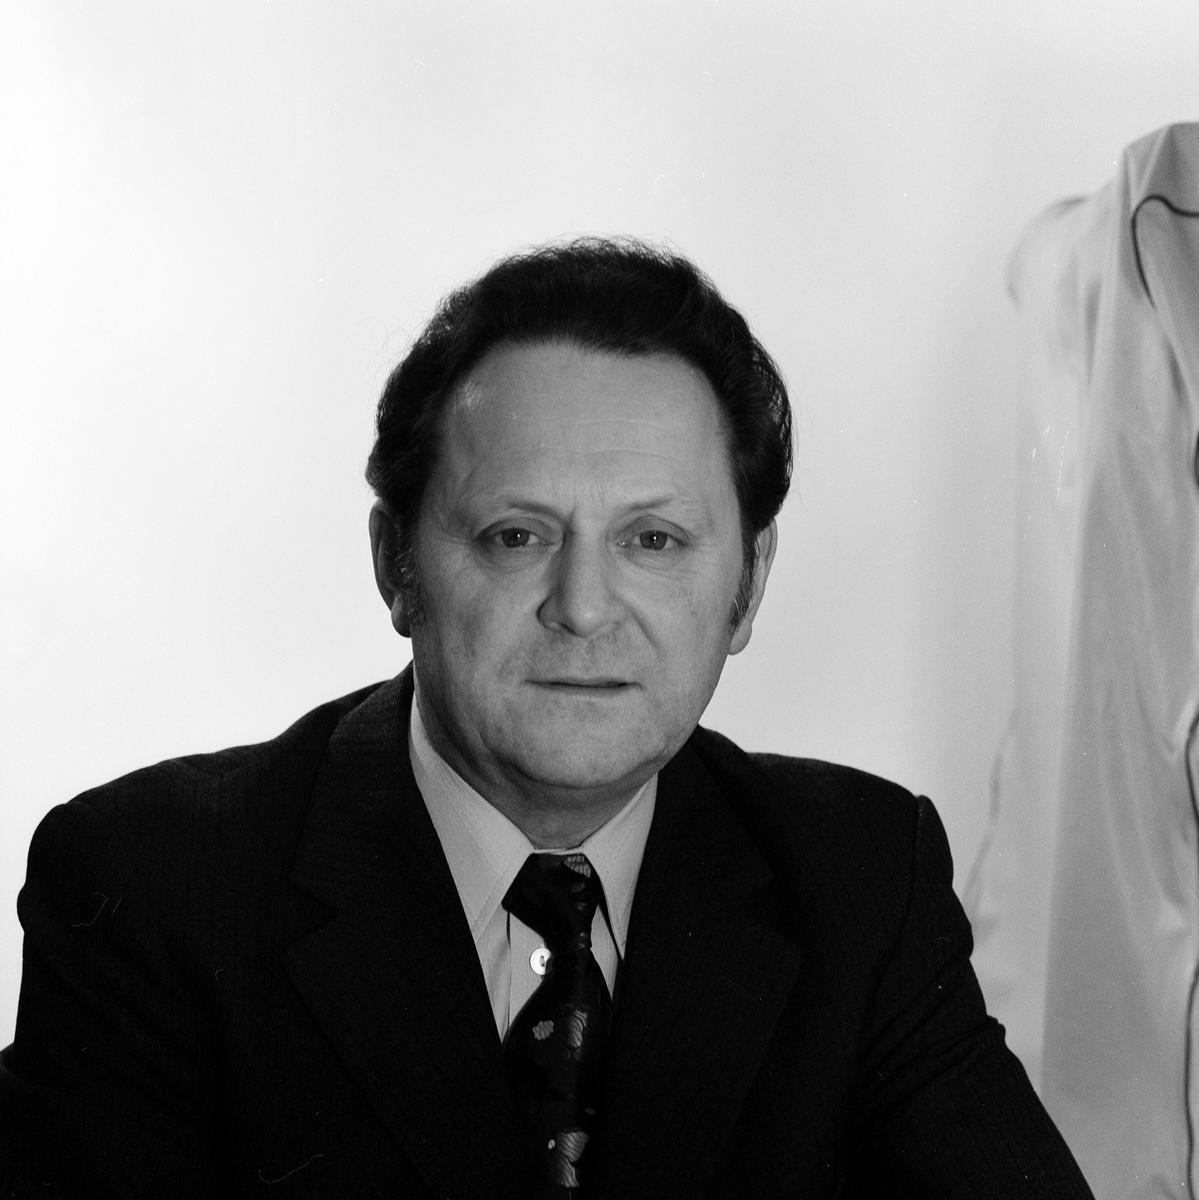 Avdelningsdirektör, Ad, Åke Hogler, Fos.